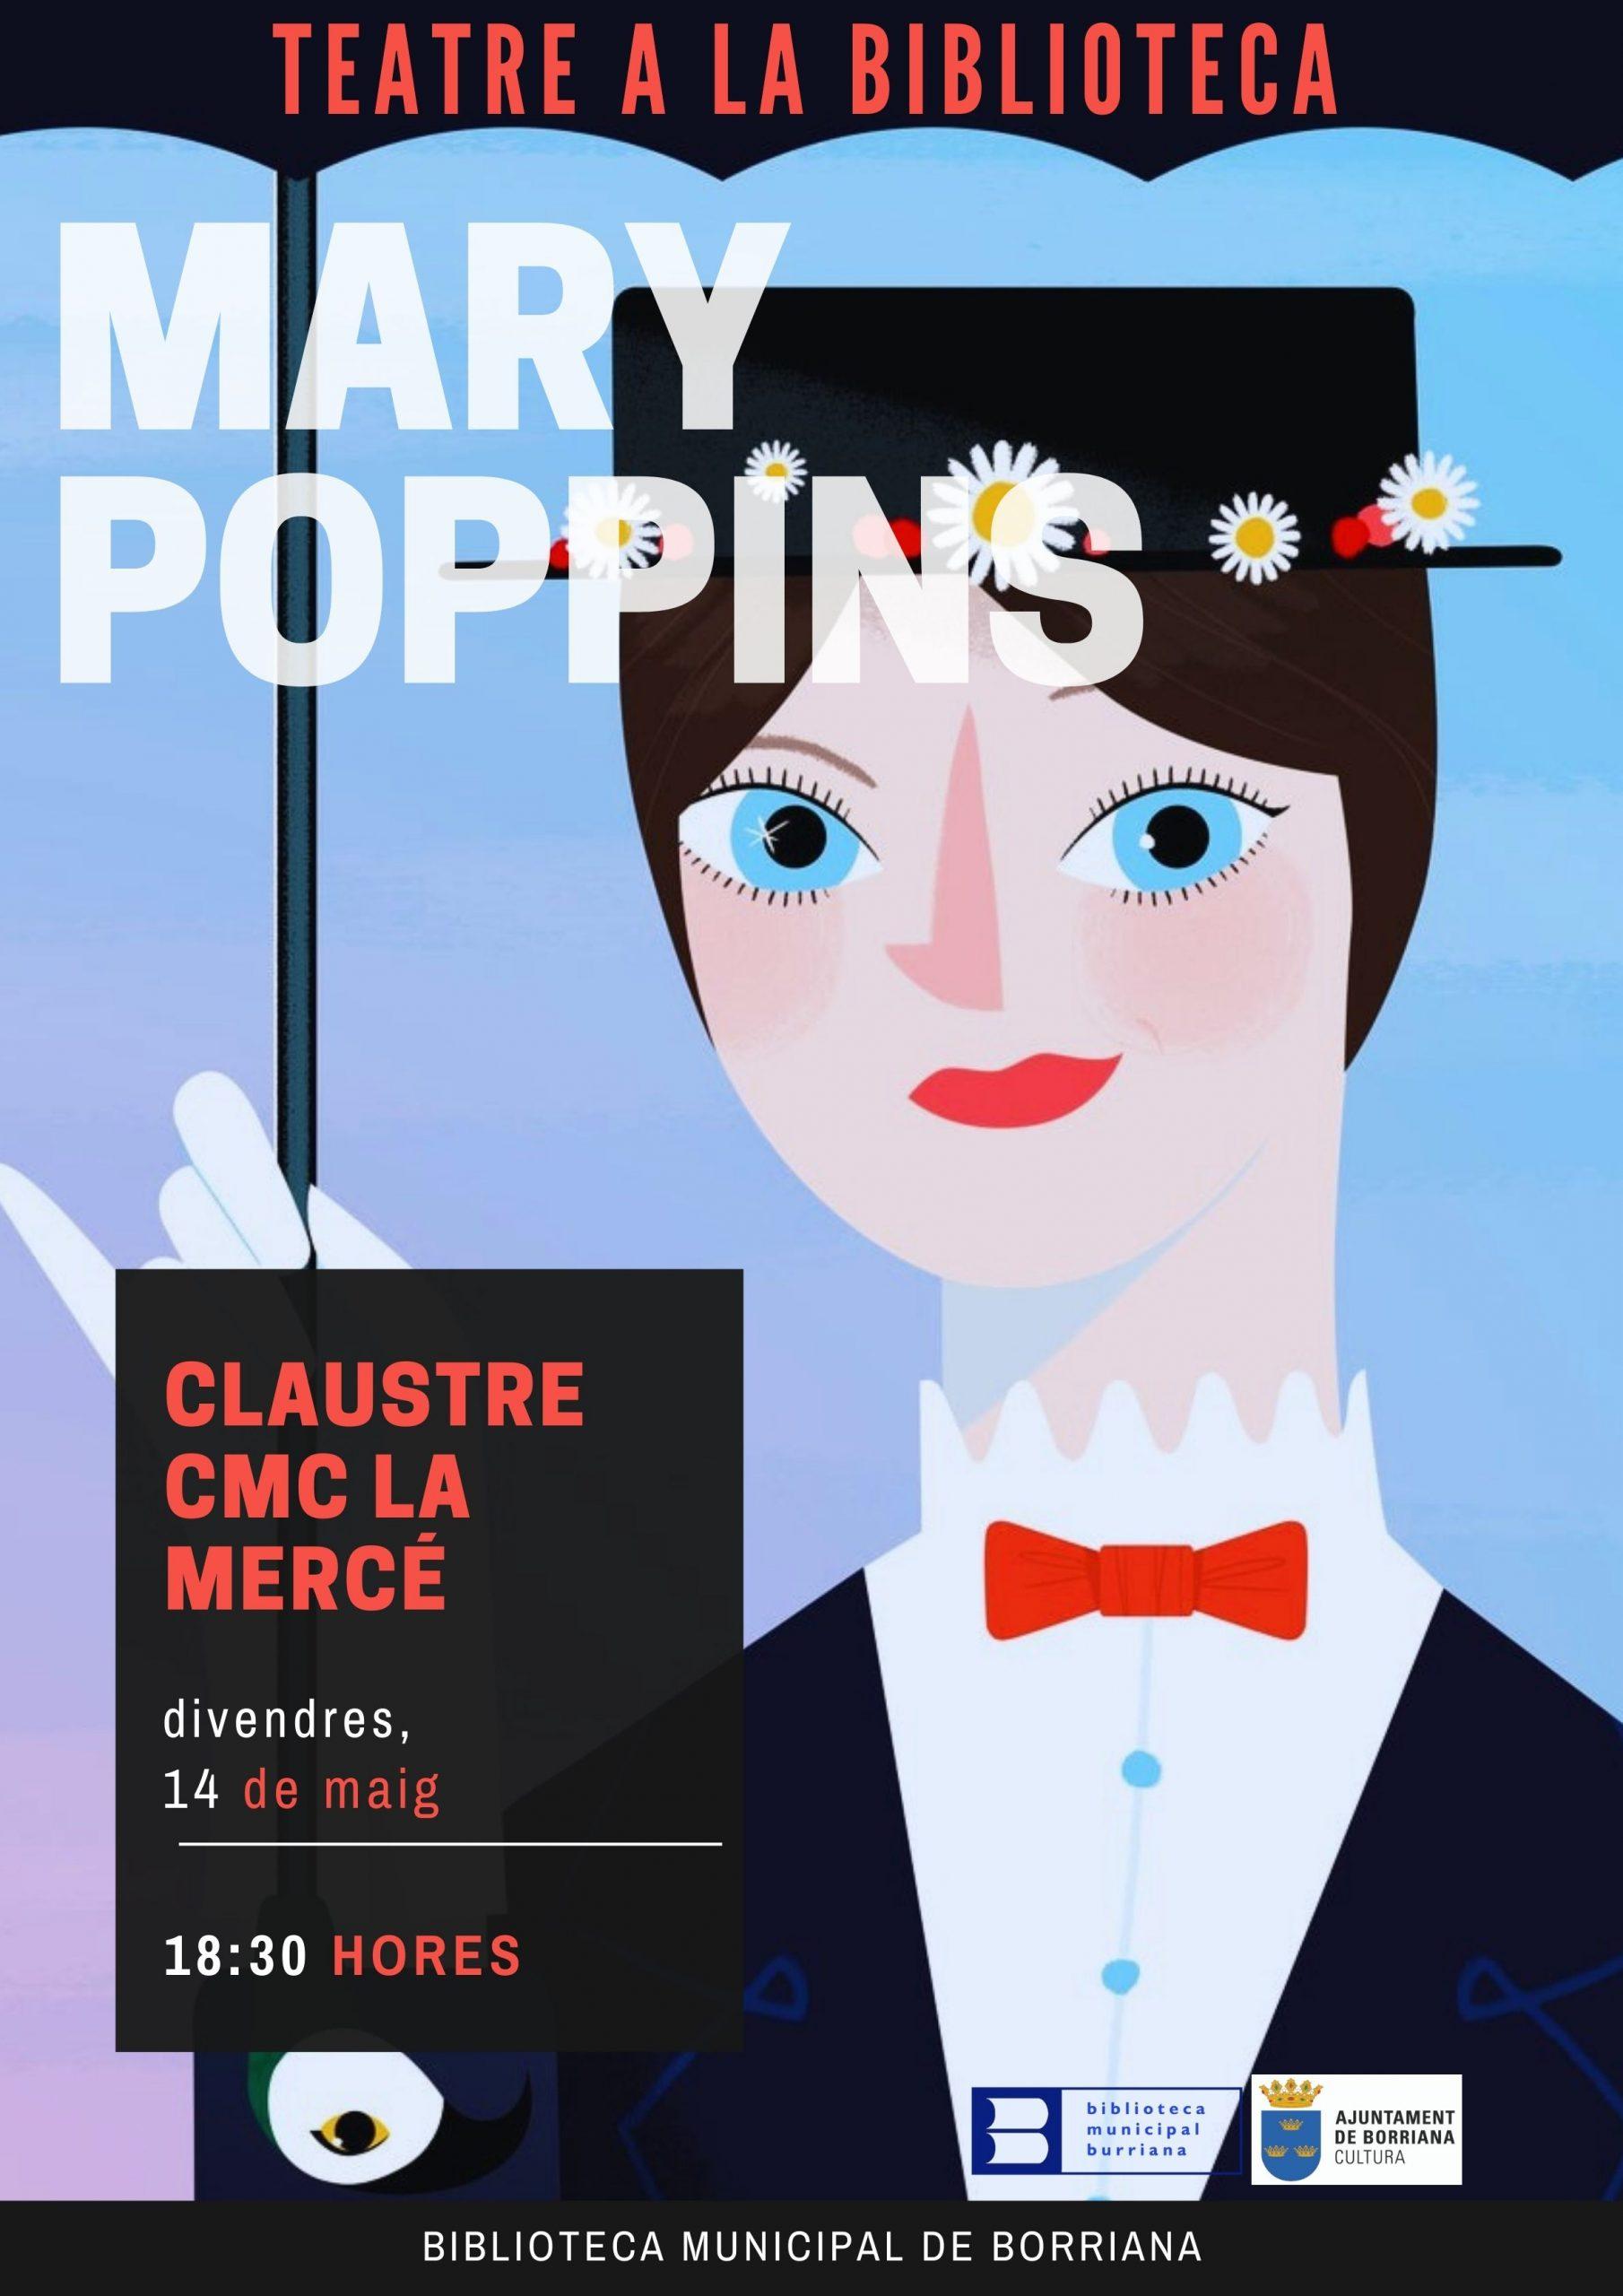 Mary Poppins llega a la Biblioteca de Burriana con un espectáculo de marionetas